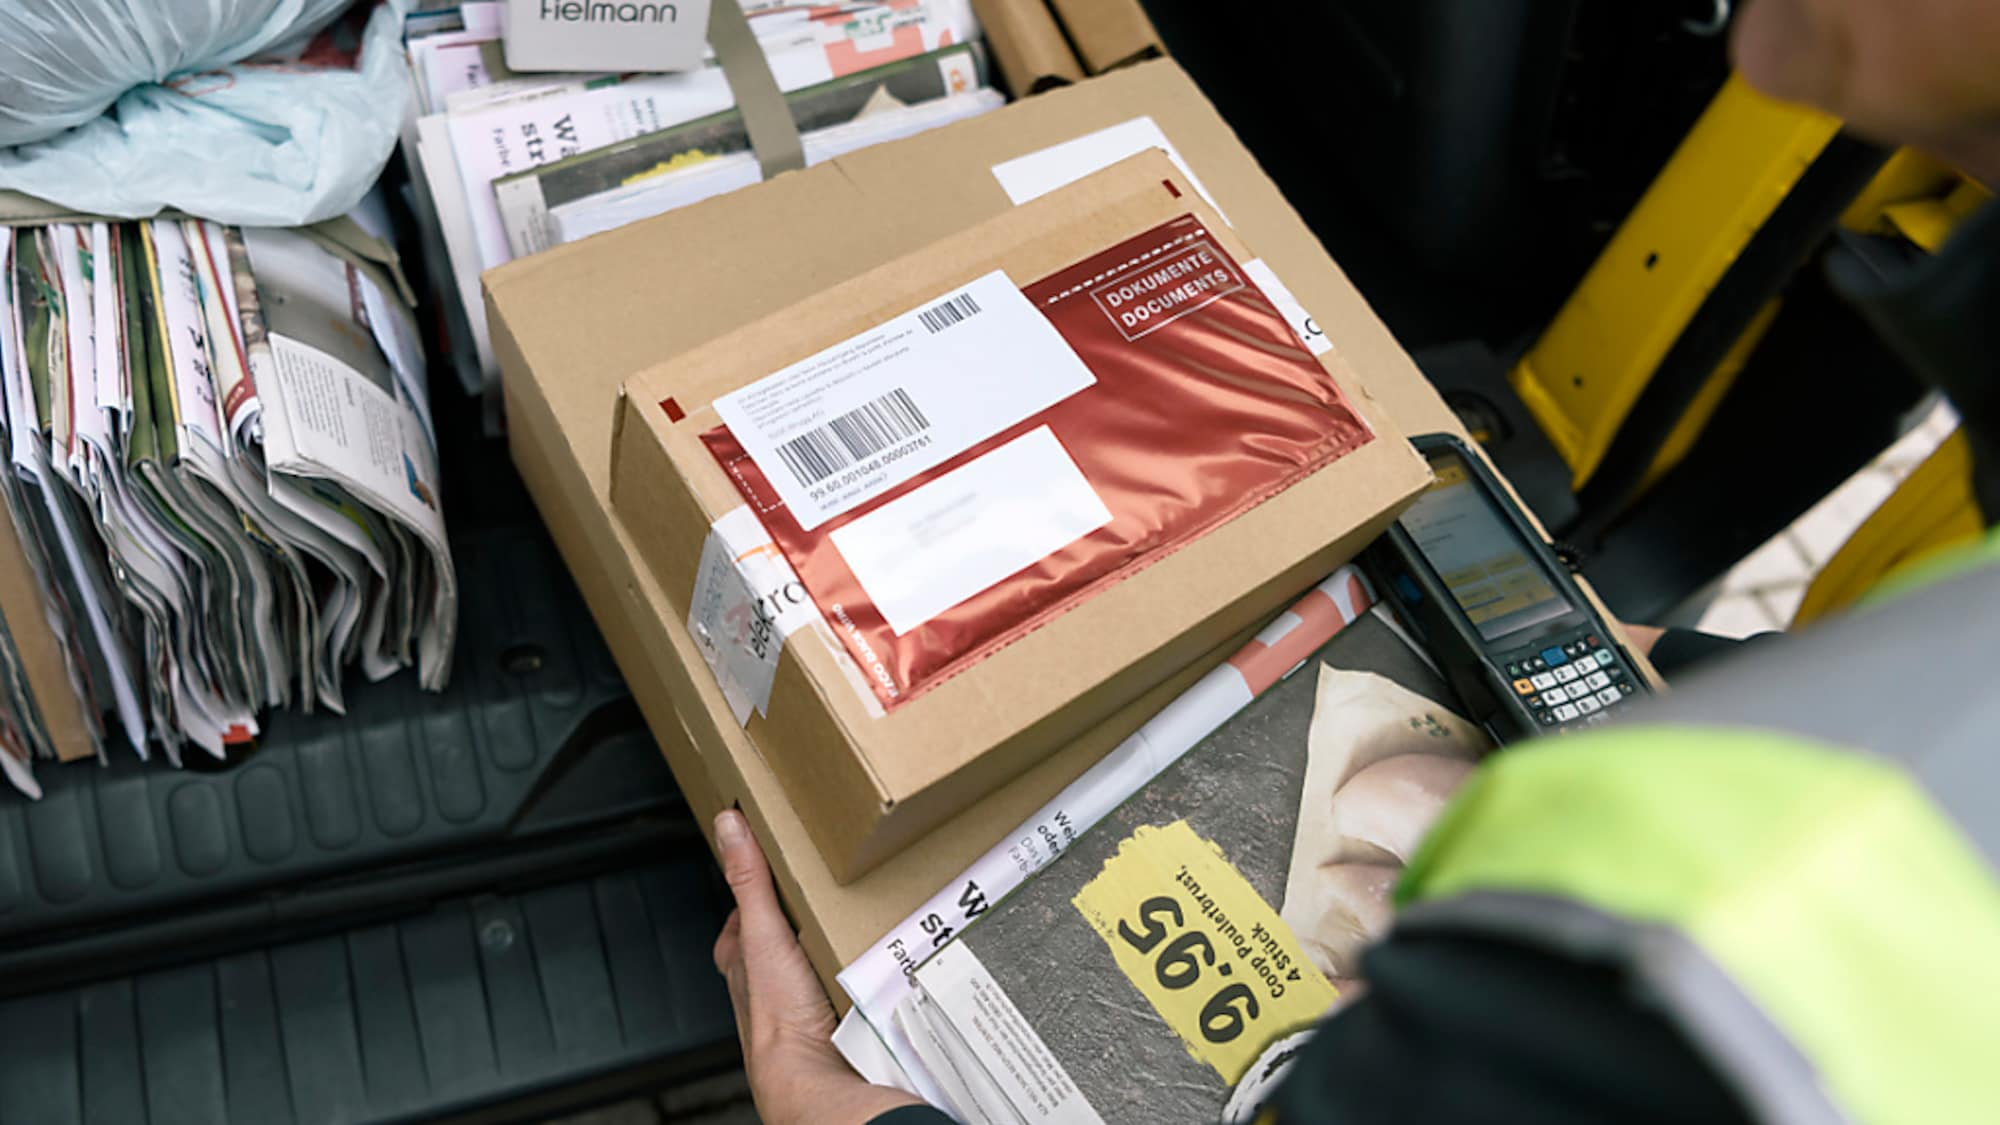 Fertig Gratis-Lieferung am Samstag: Post-Päckli kosten ab sofort 4.90 Franken